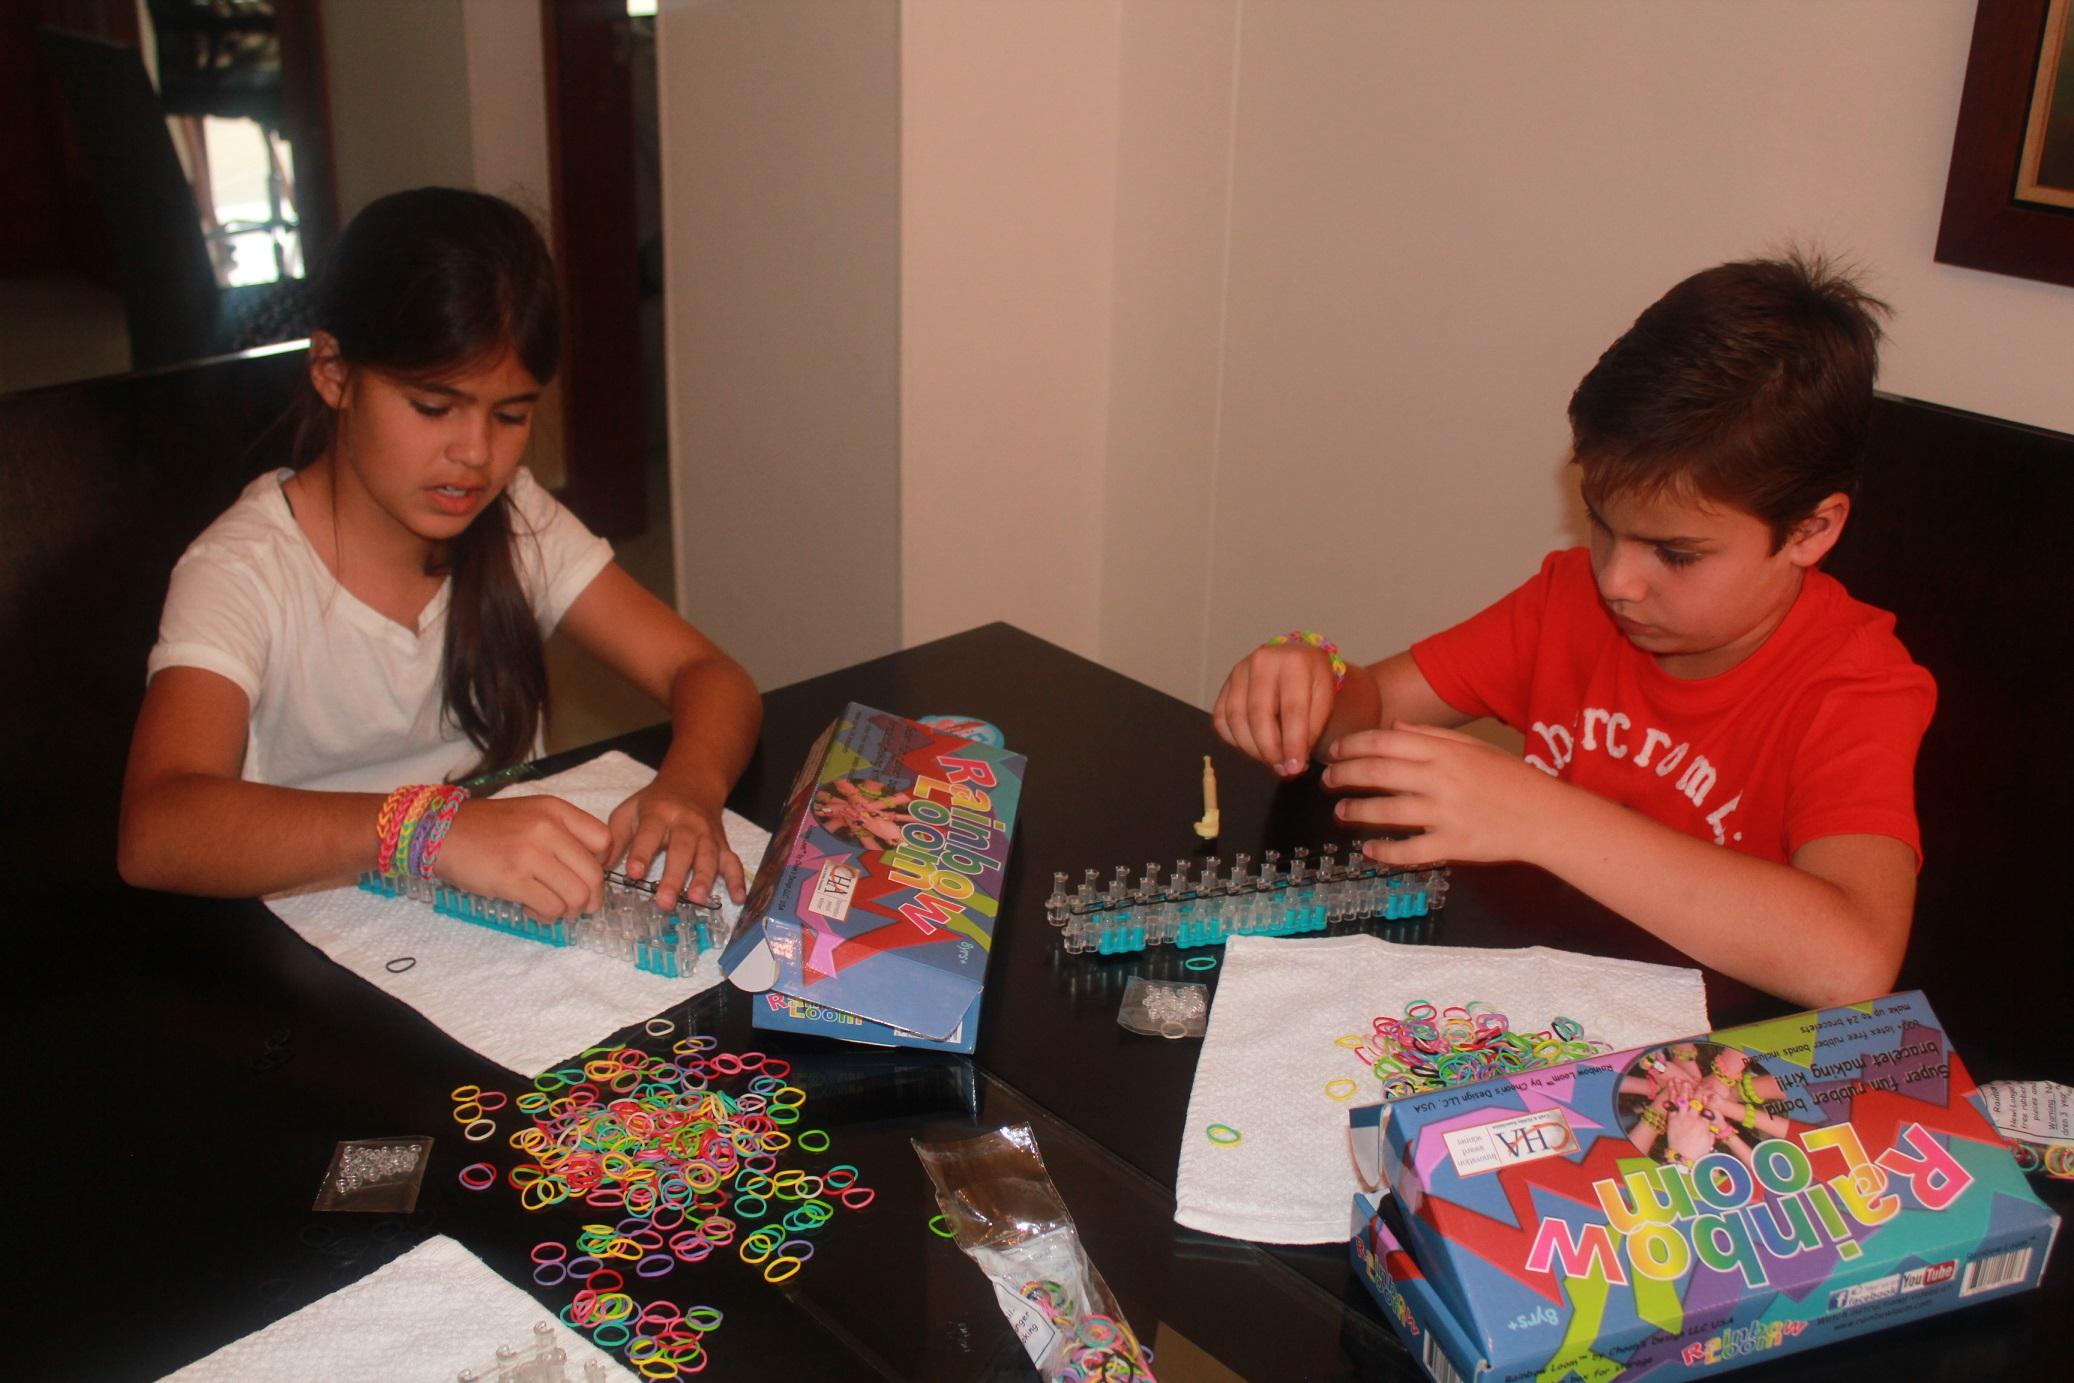 Un nuevo juego de creatividad llega para entretener la mente